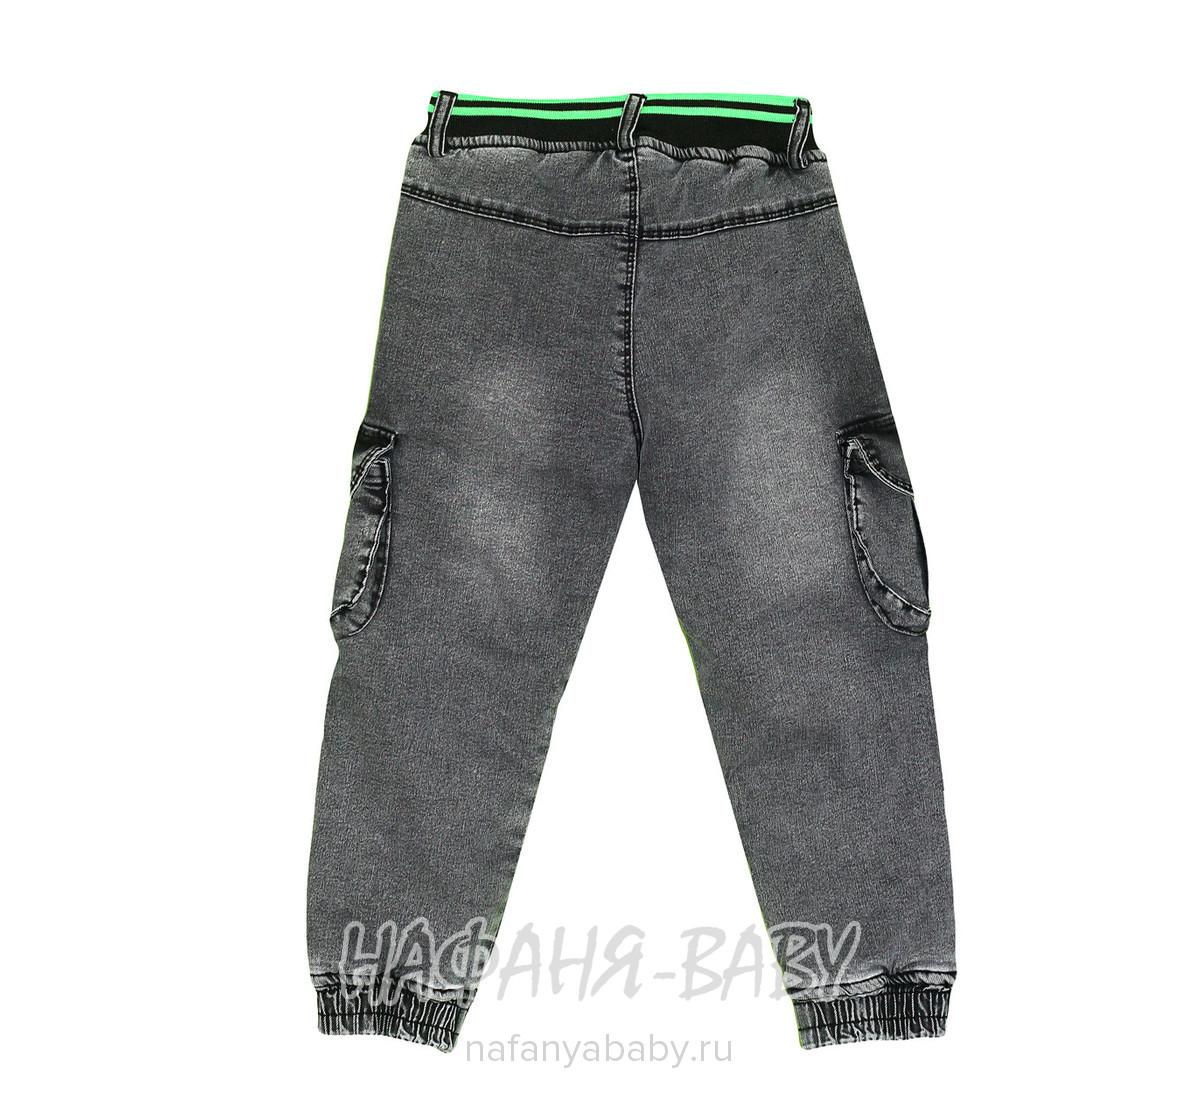 Детские теплые джинсы RIDAYEN арт: 1424, 5-9 лет, цвет черный, оптом Турция